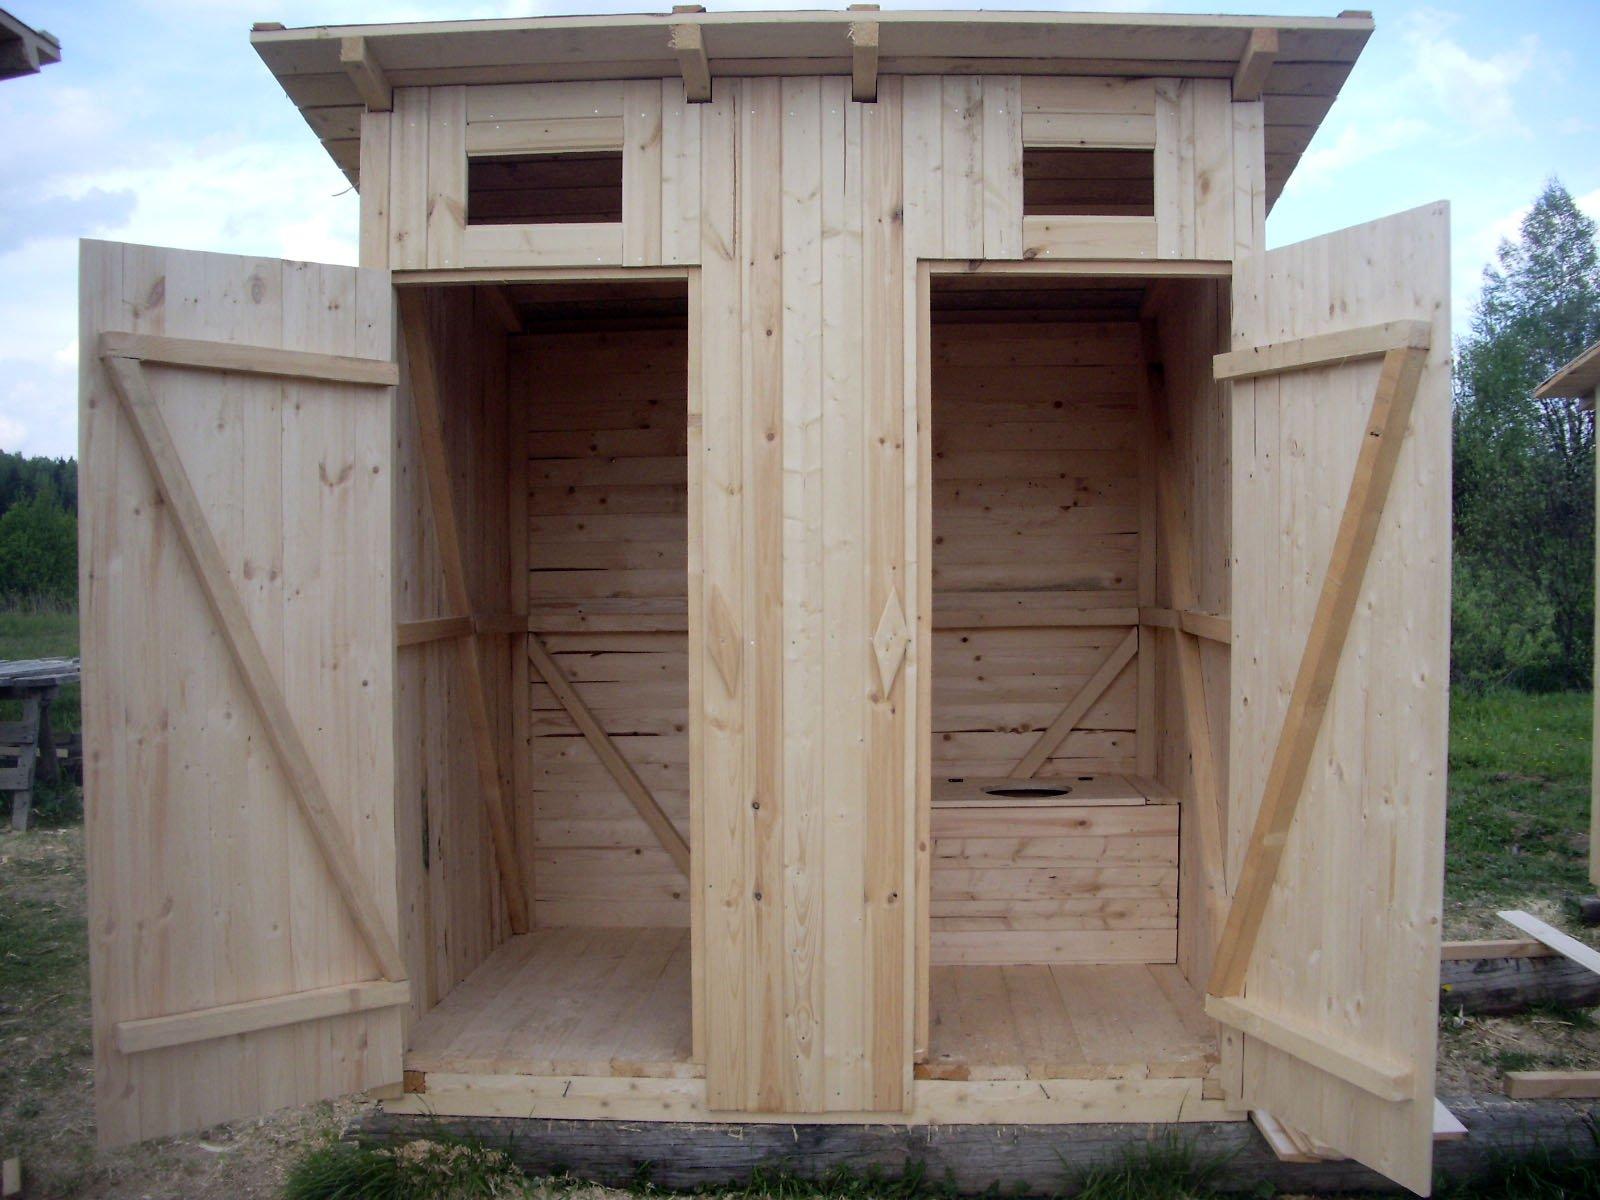 Совмещённые в одной постройке туалет и душ для загородного участка